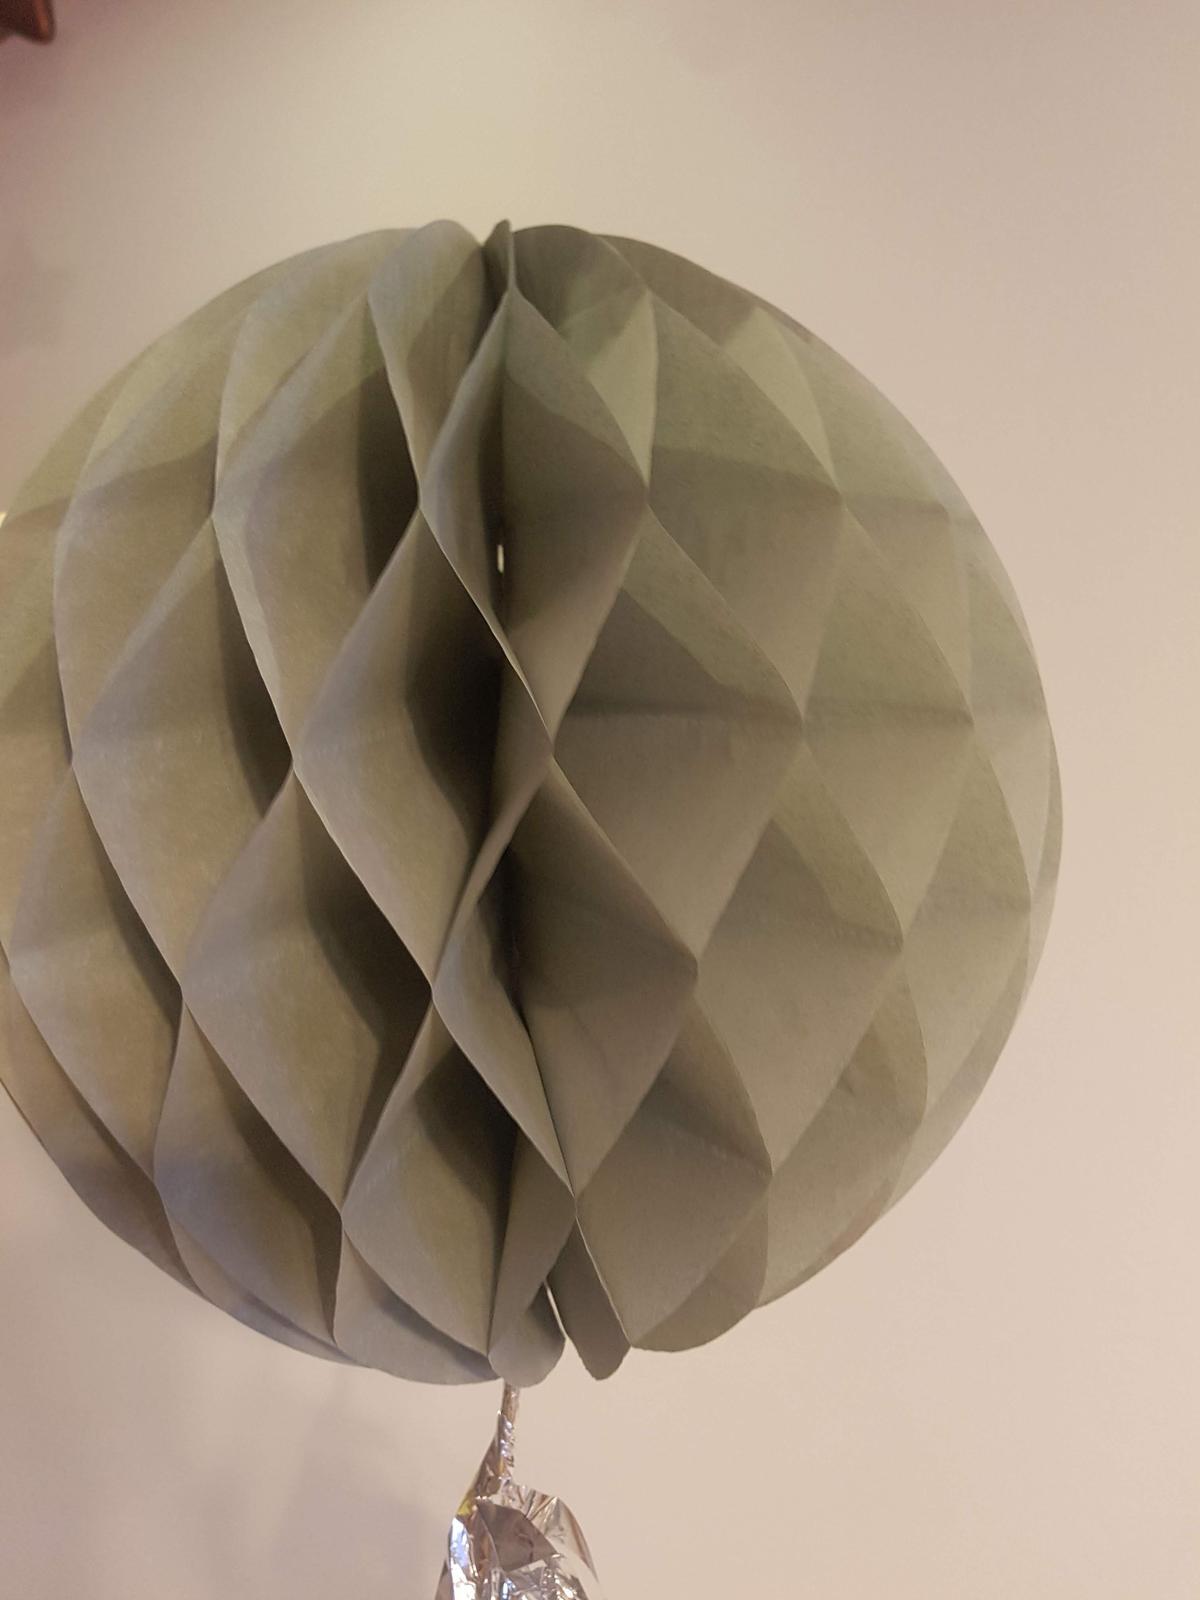 lampionky ozdobné koule  - Obrázek č. 4